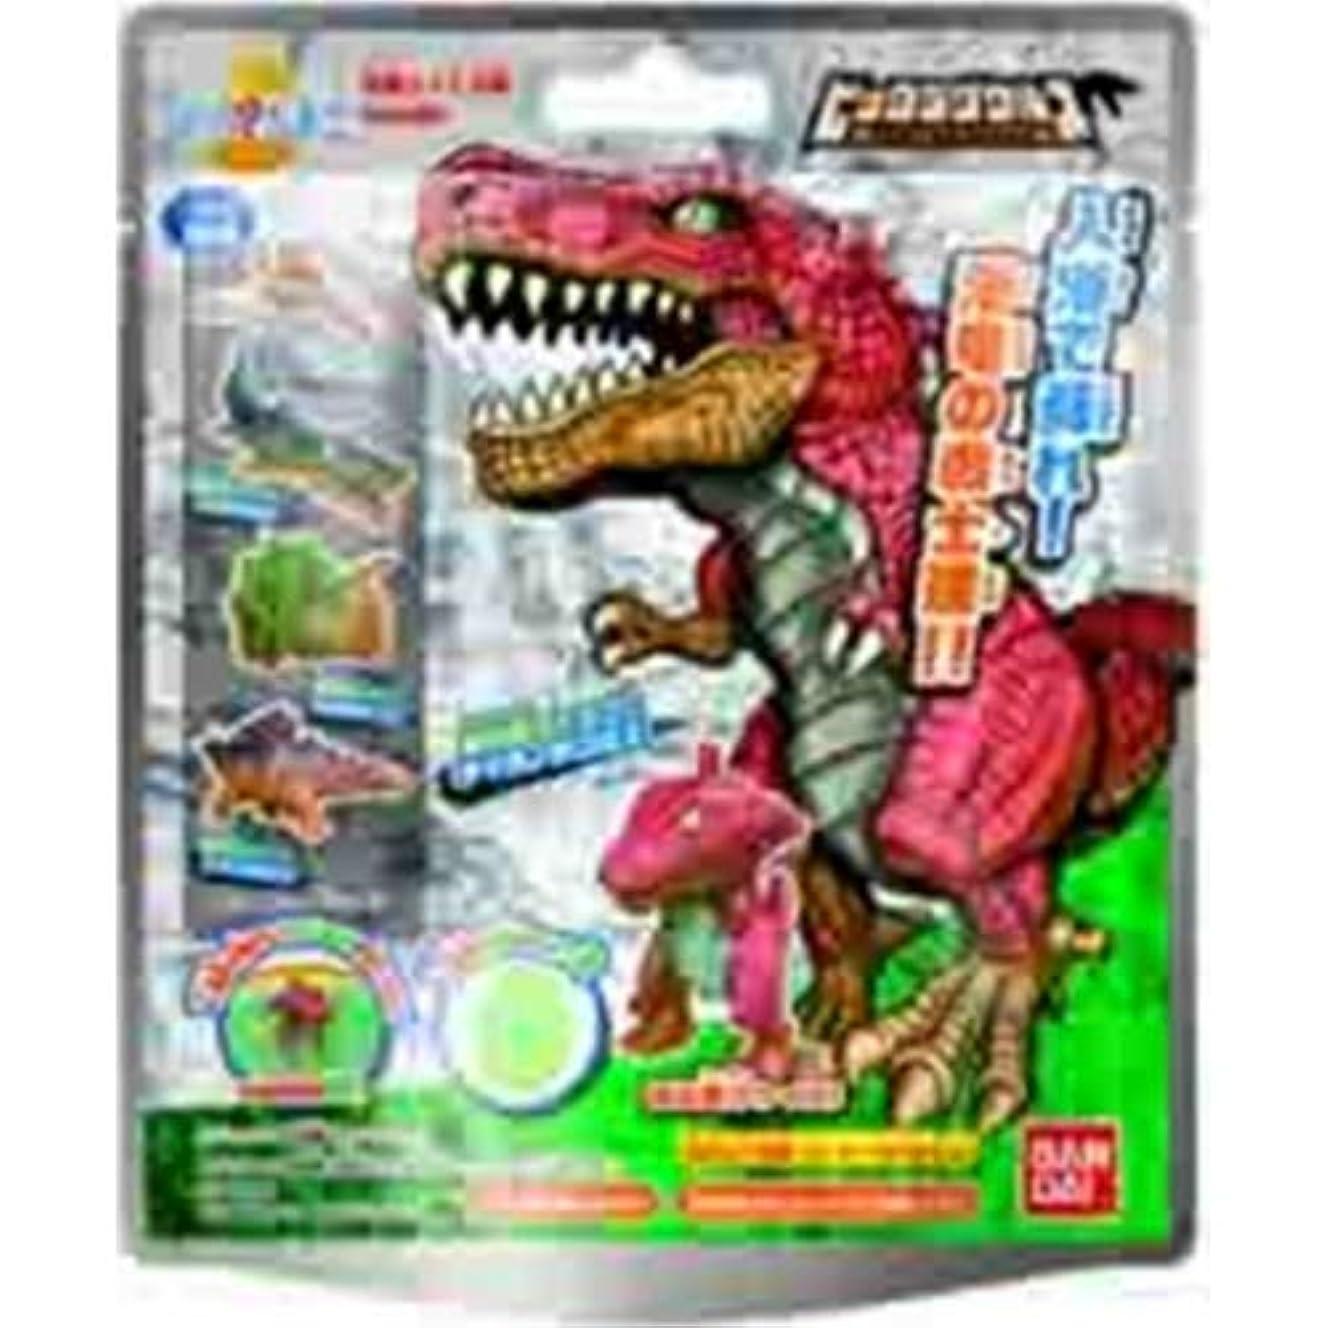 願うマカダム娘バンダイ びっくらたまご ビックラザウルス